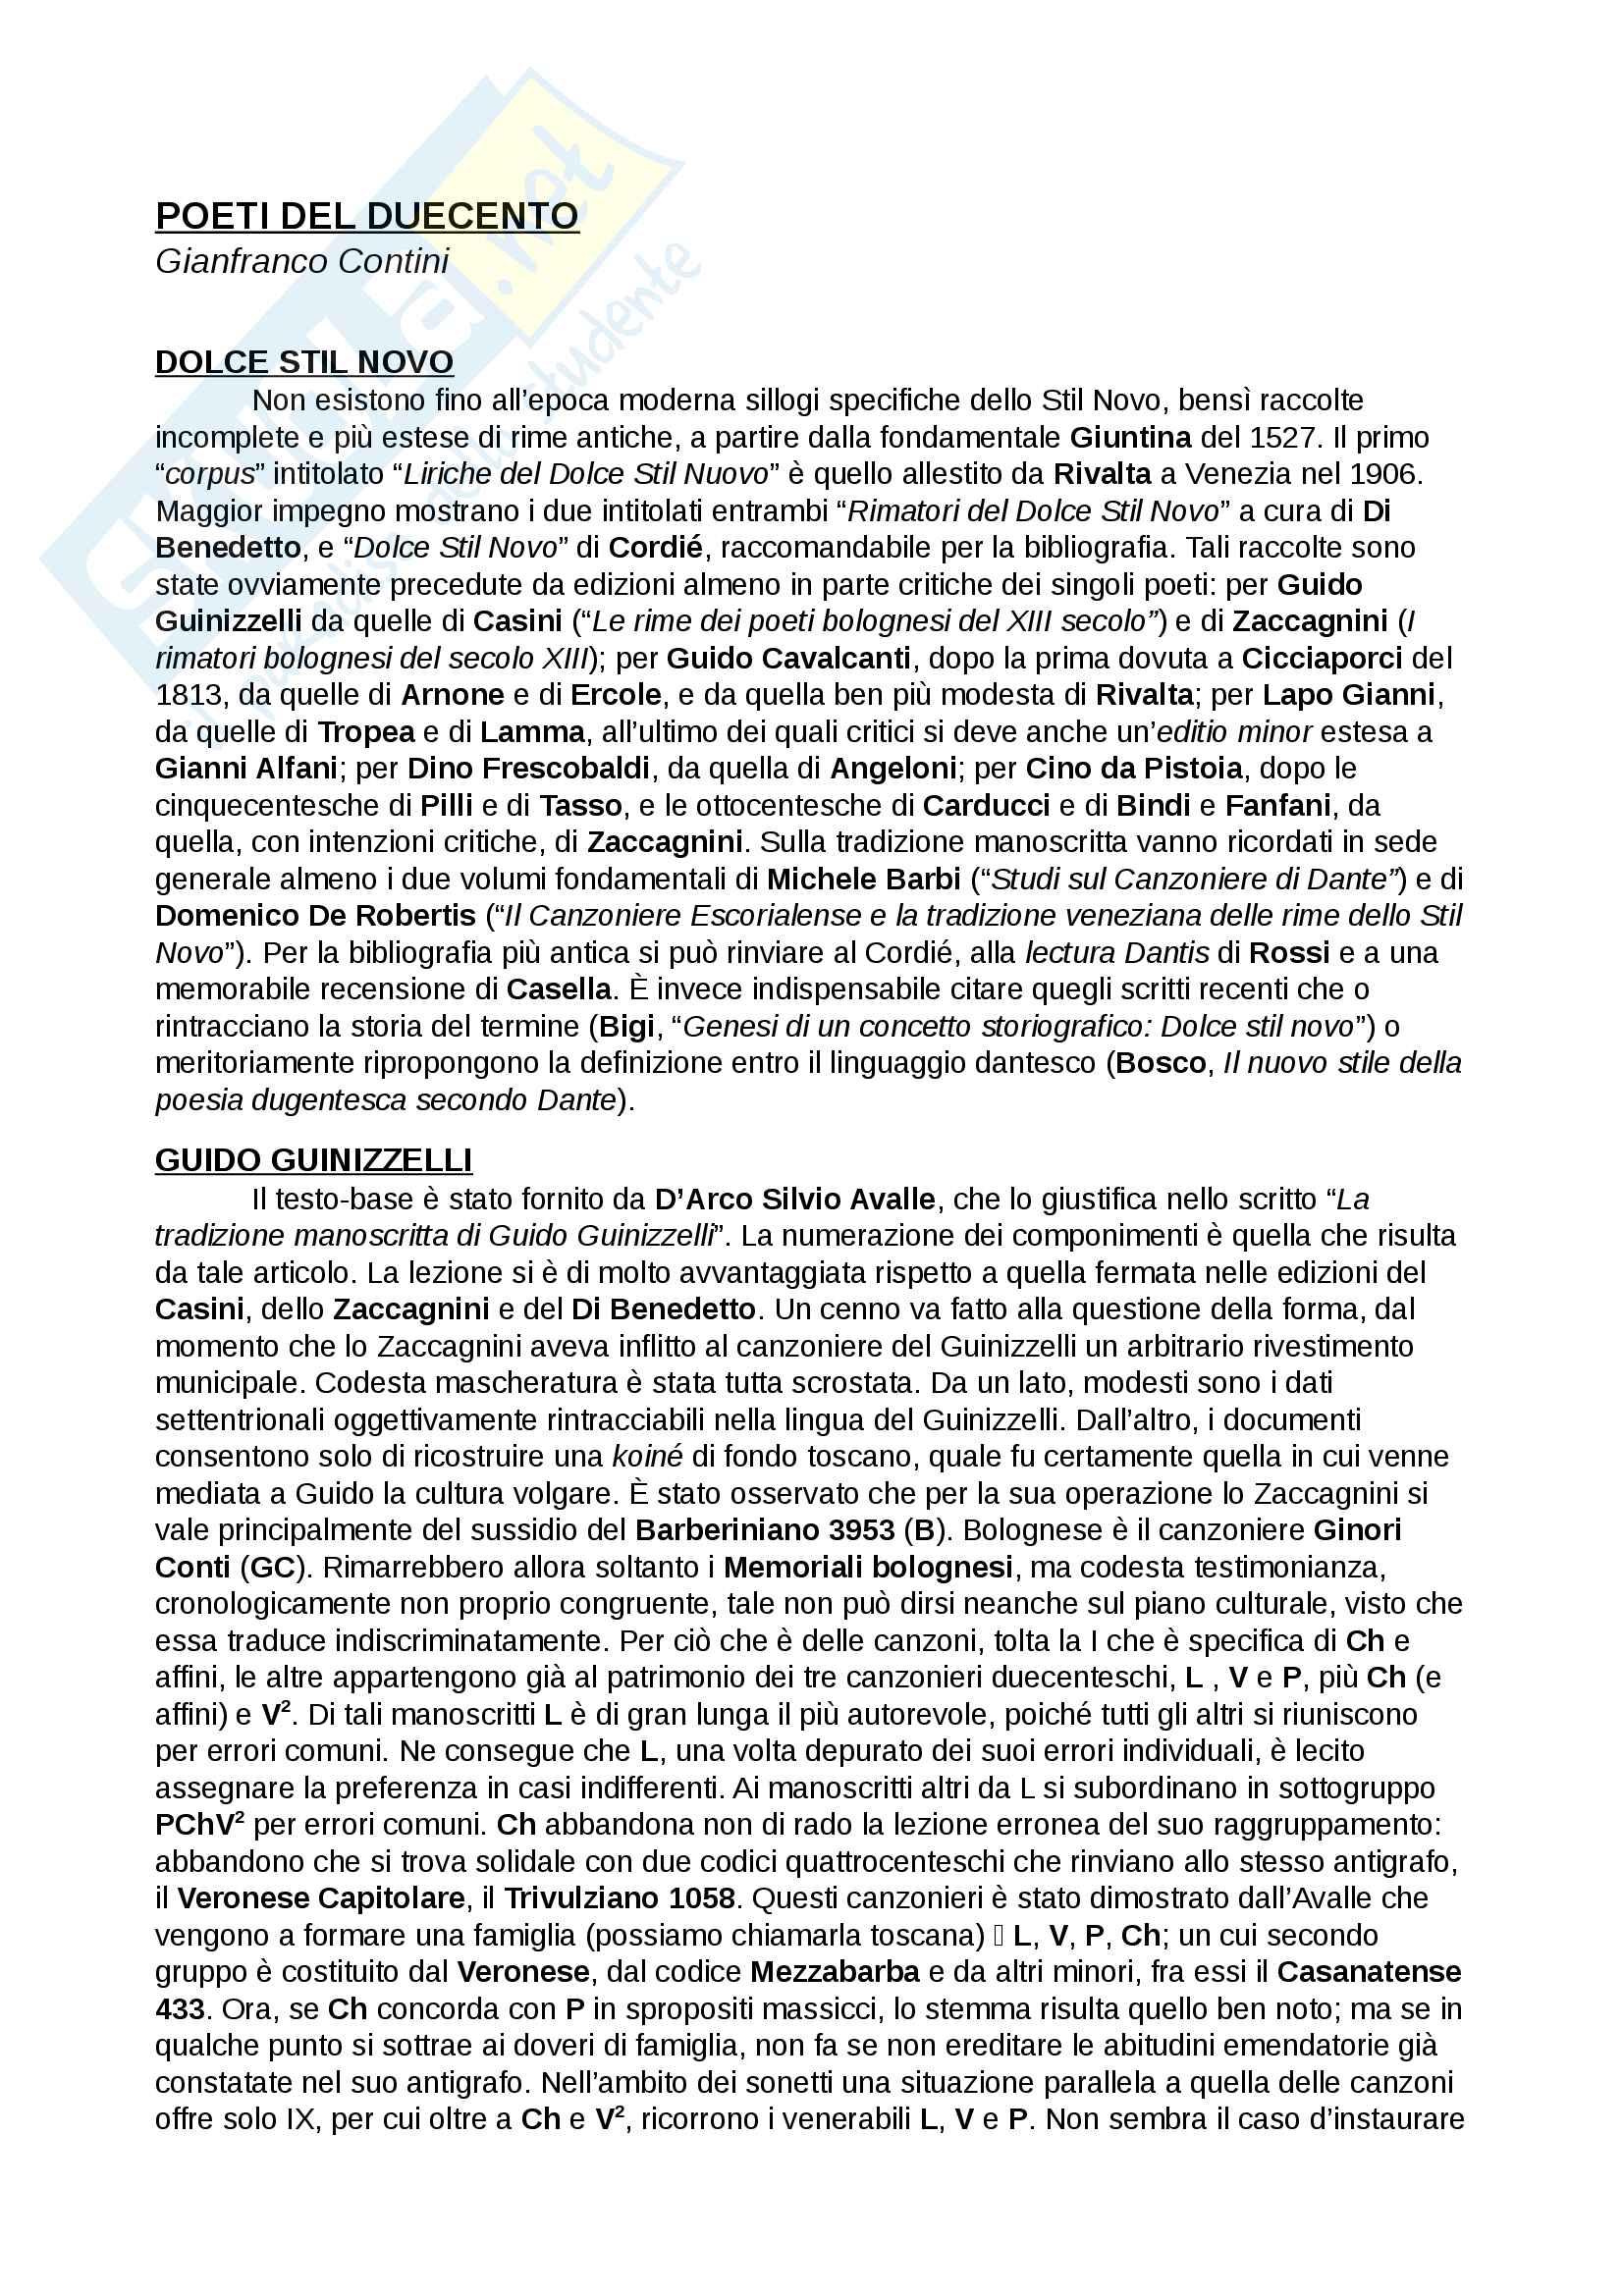 Riassunti esame Filologia italiana II A, Prof. Grimaldi, libro consigliato dispensa del corso di Filologia italiana II A, A.A. 2015/16, Gianfranco Contini, Lino Leonardi